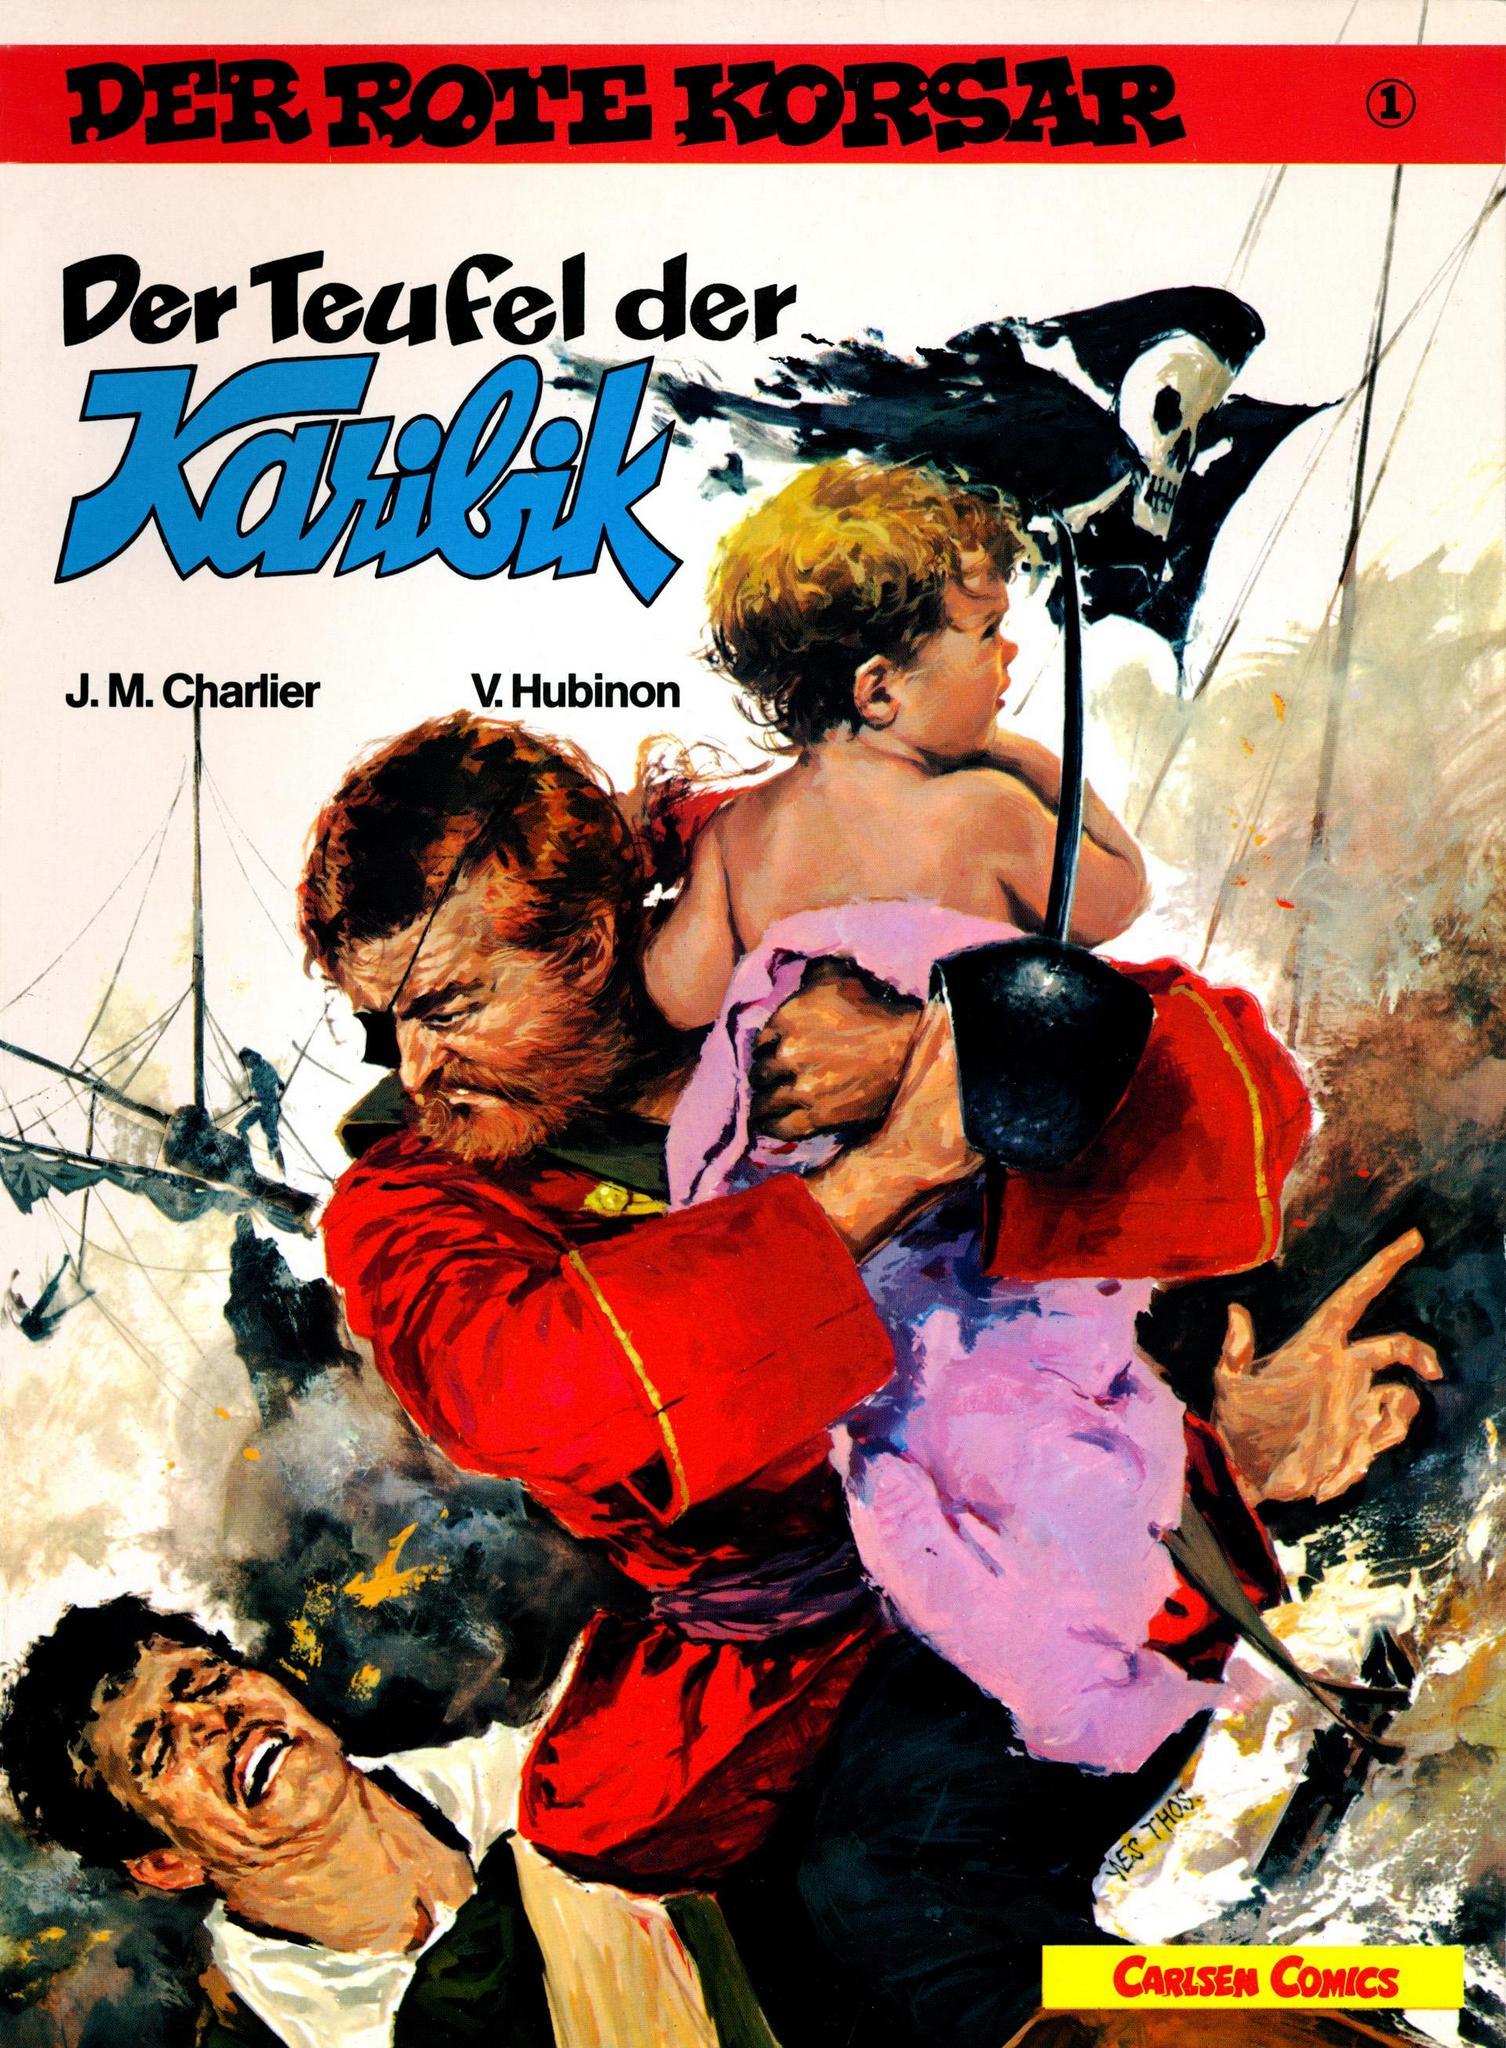 Der rote Korsar (1985) - komplett